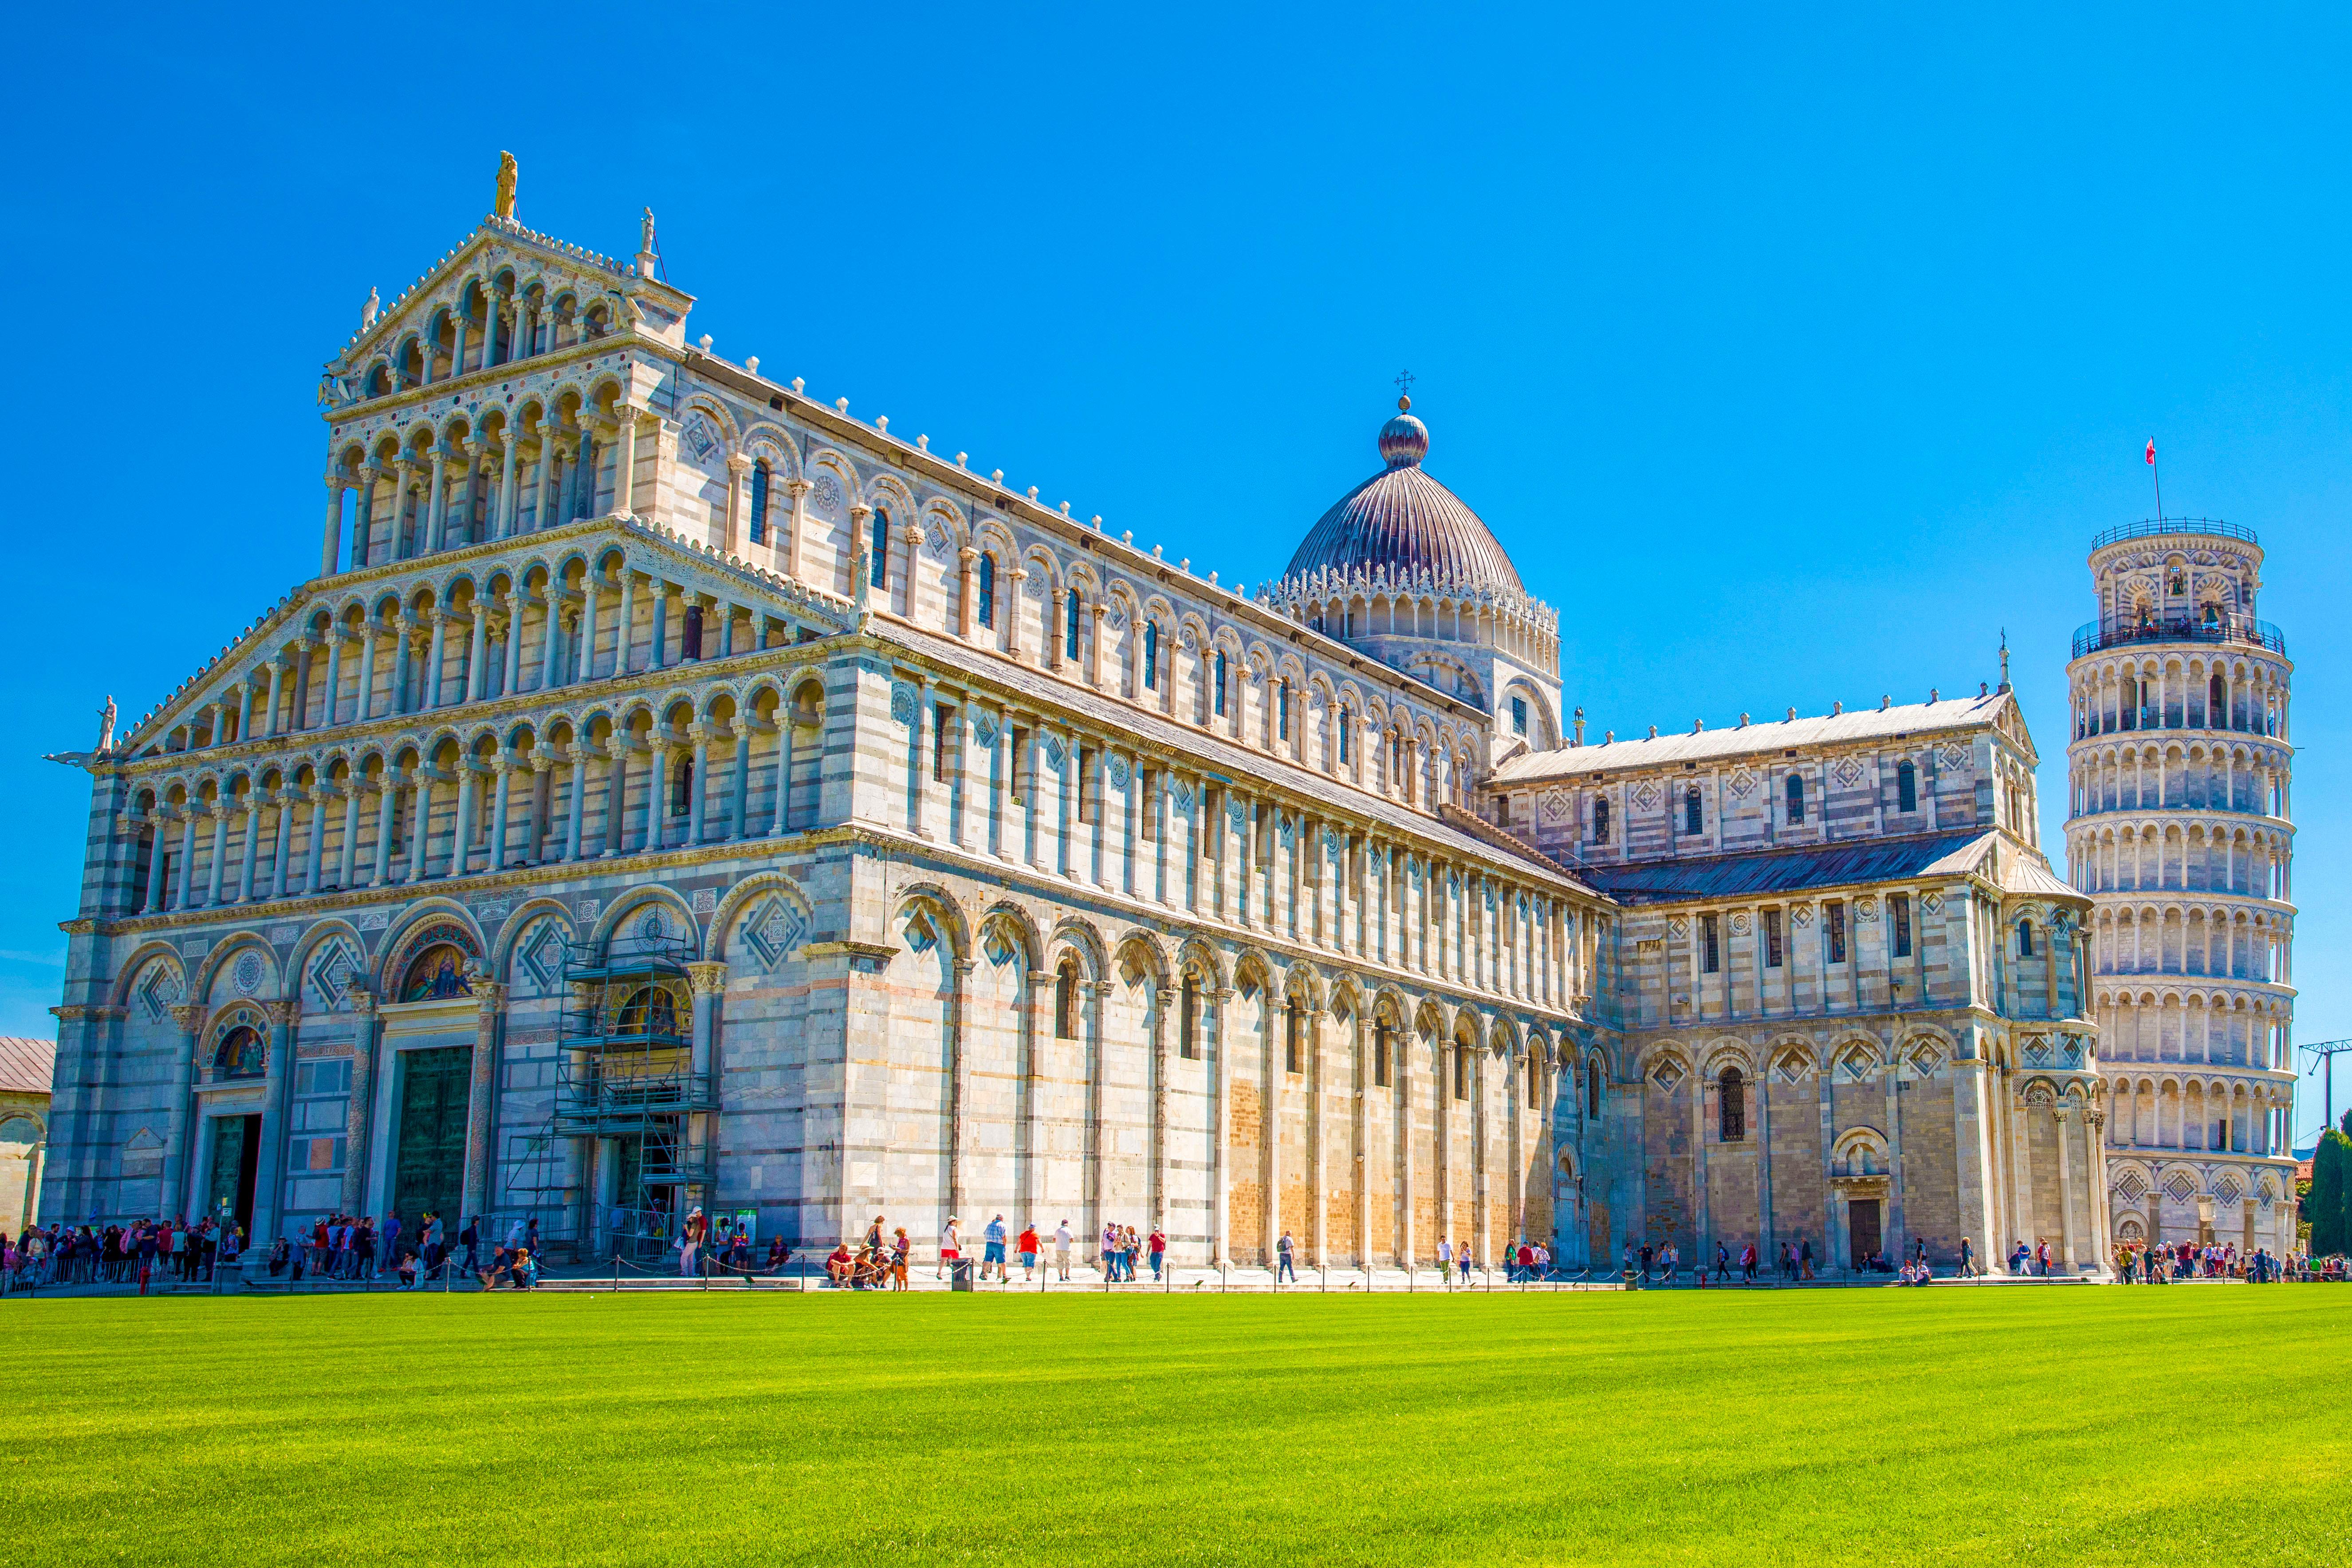 Ruta de la Toscana - Pisa - Piazza dei Miracoli